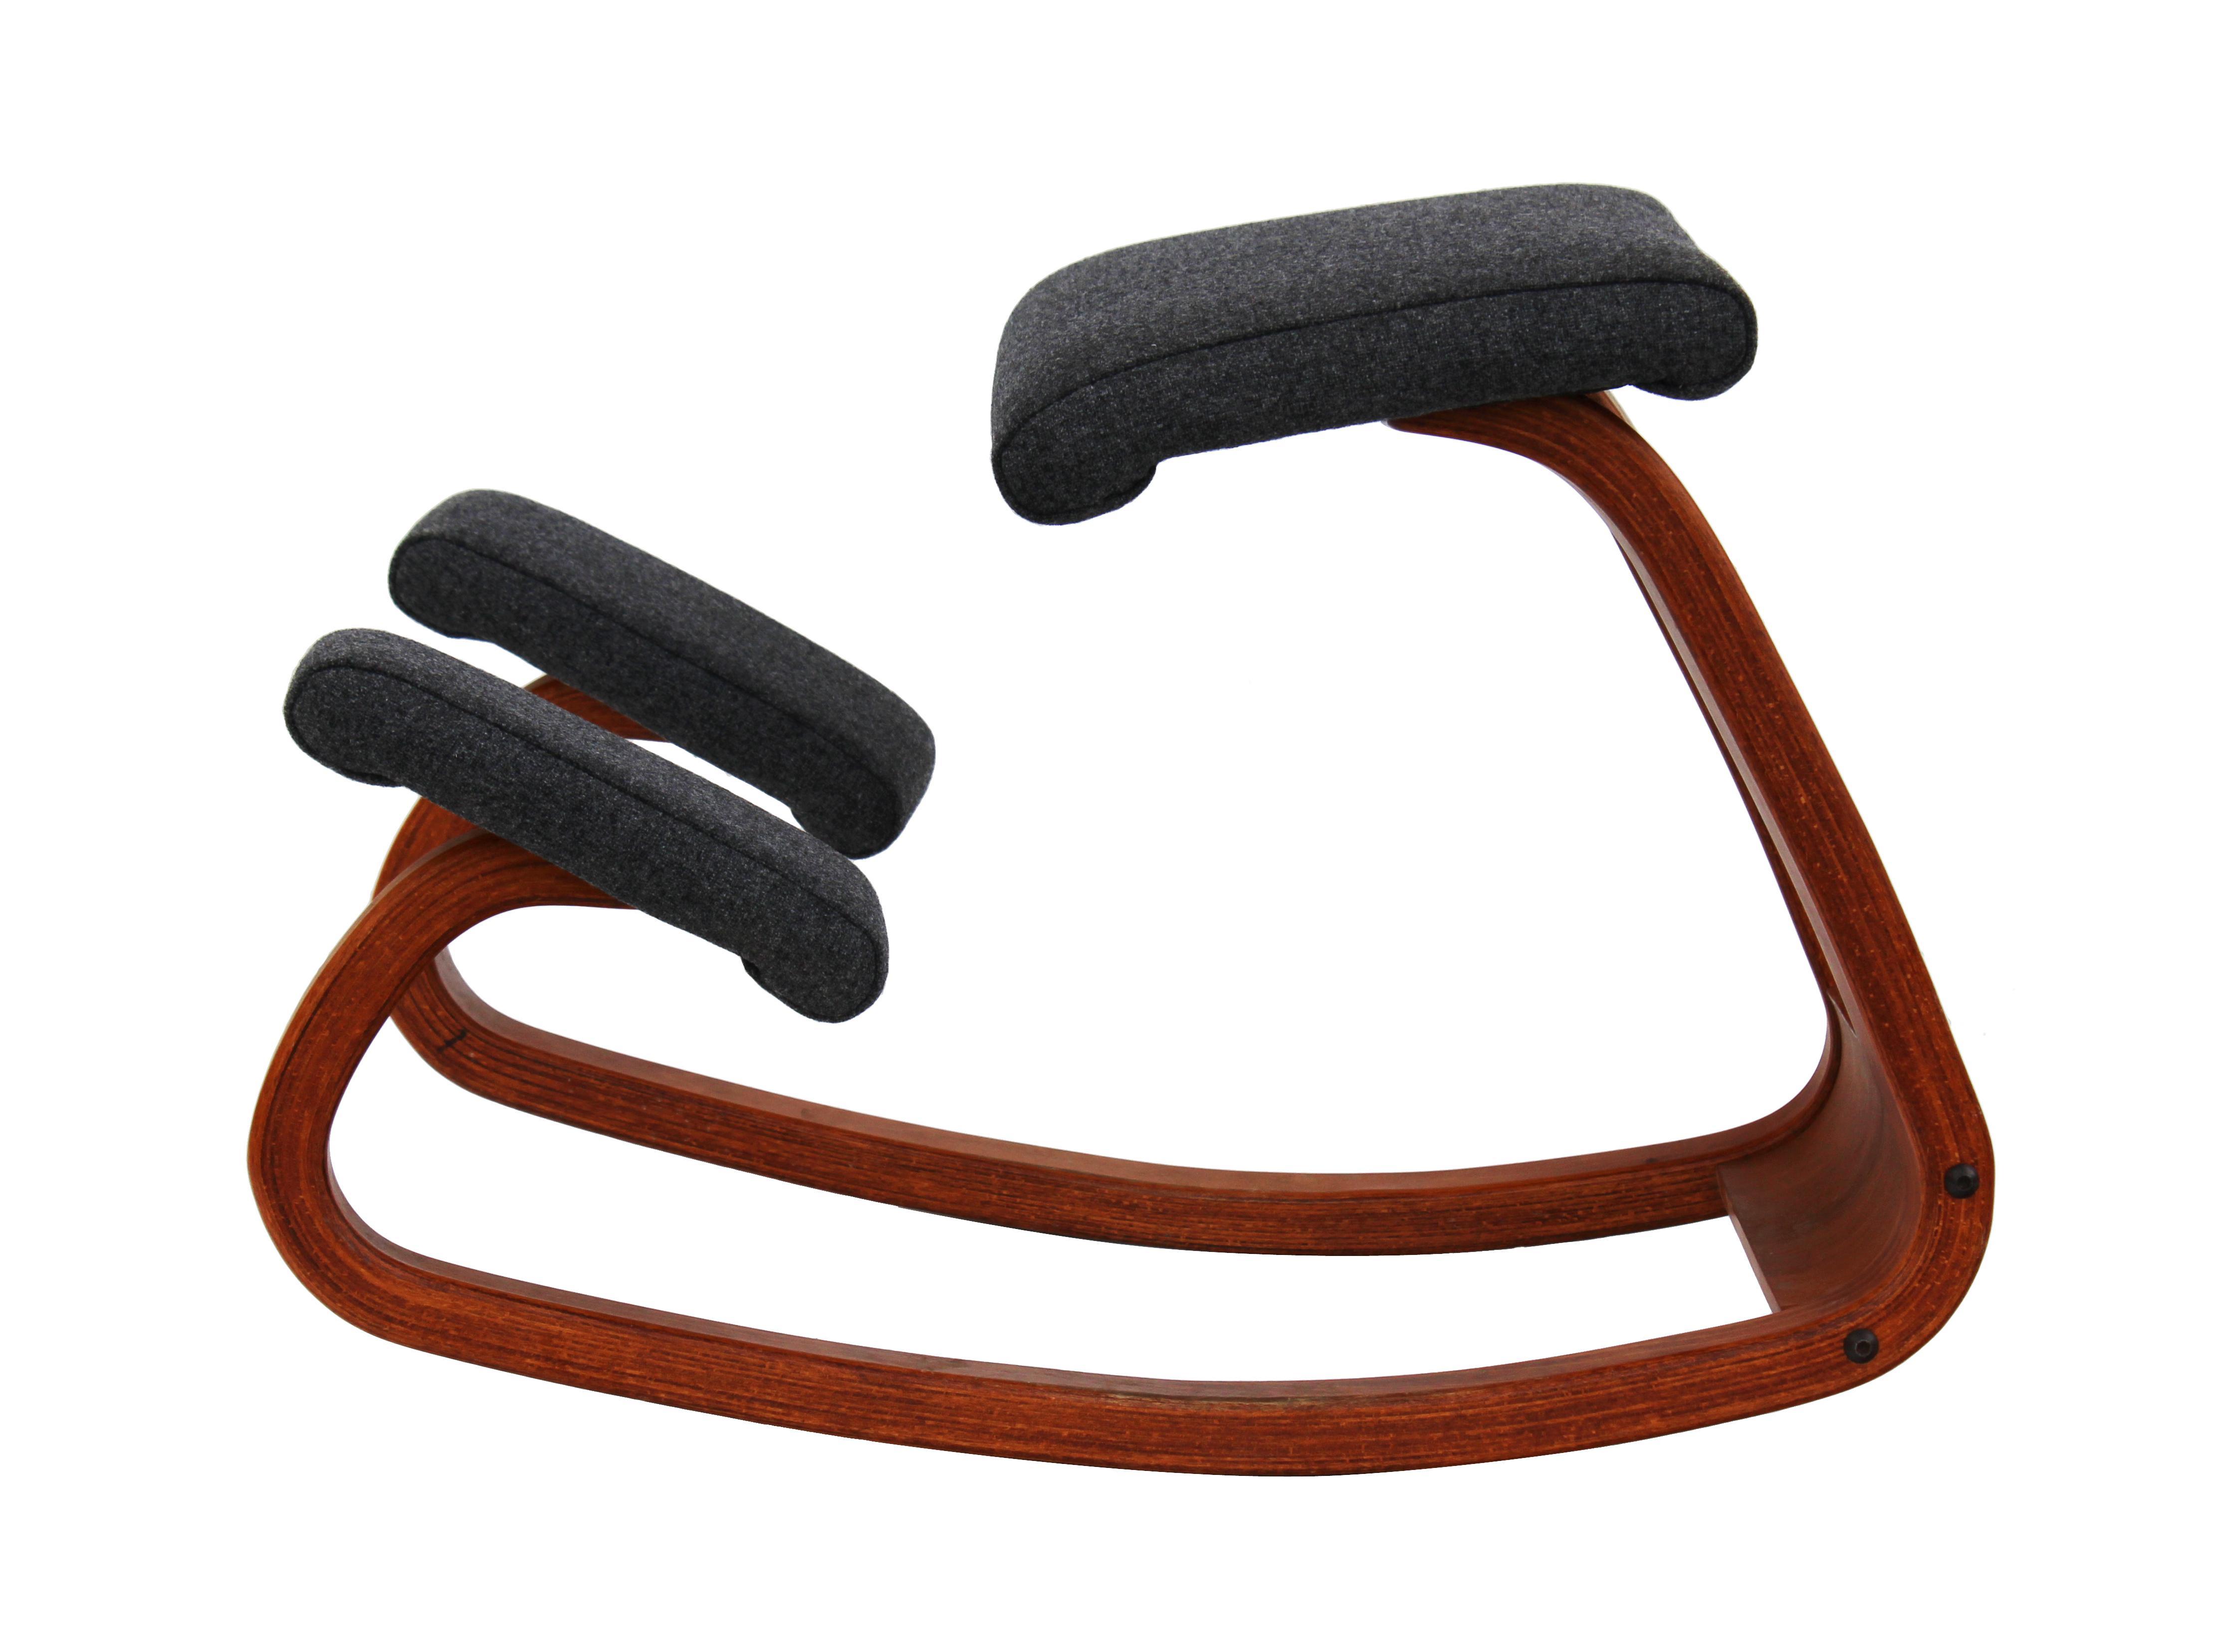 variable balans kneeling chair by peter opsvik image 3 of 4